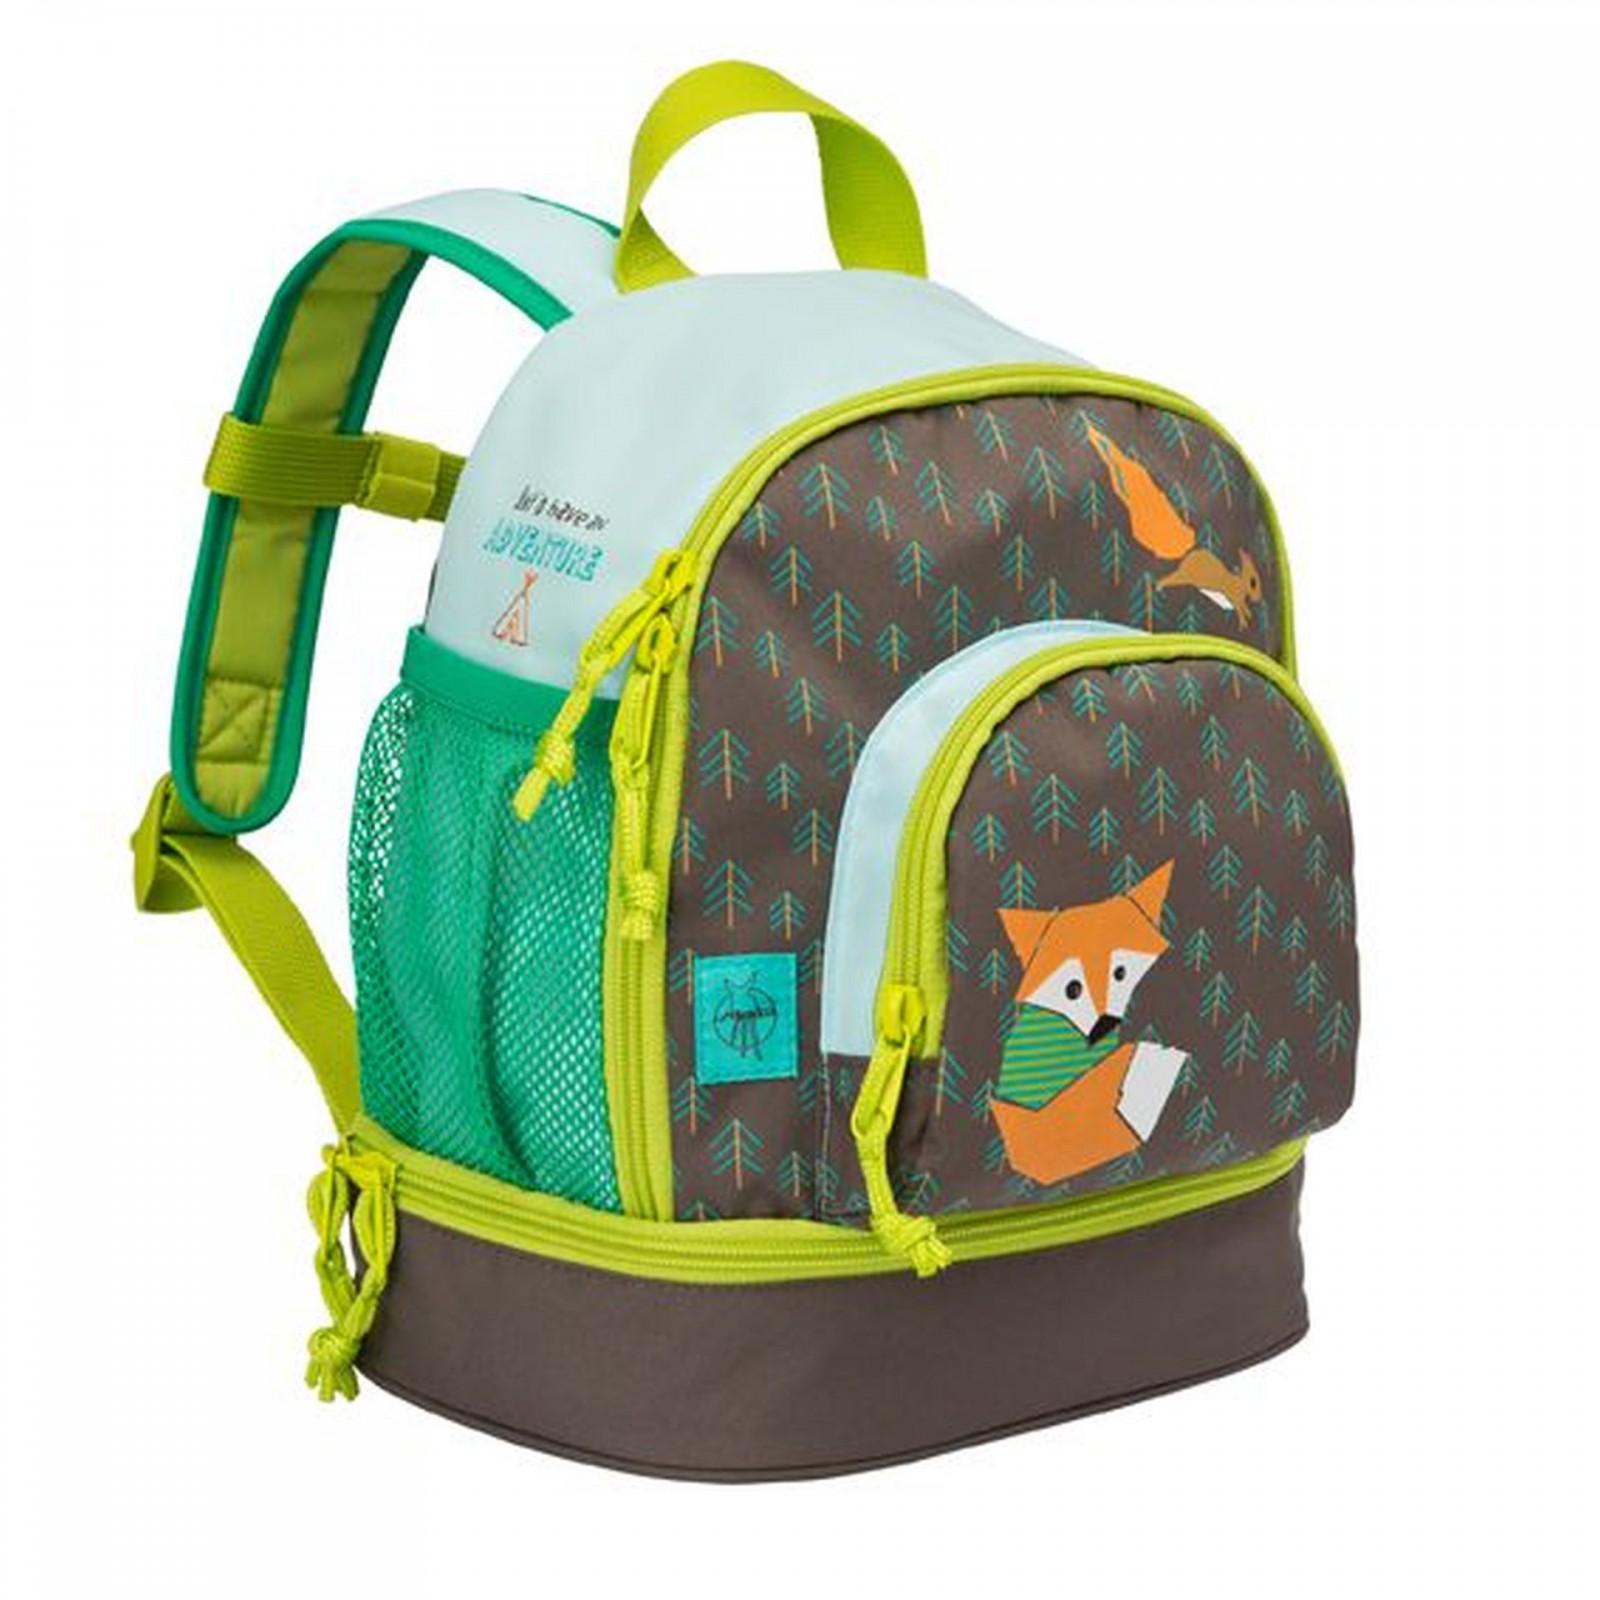 Lässig 4Kids Mini Backpack M Little Tree Fox